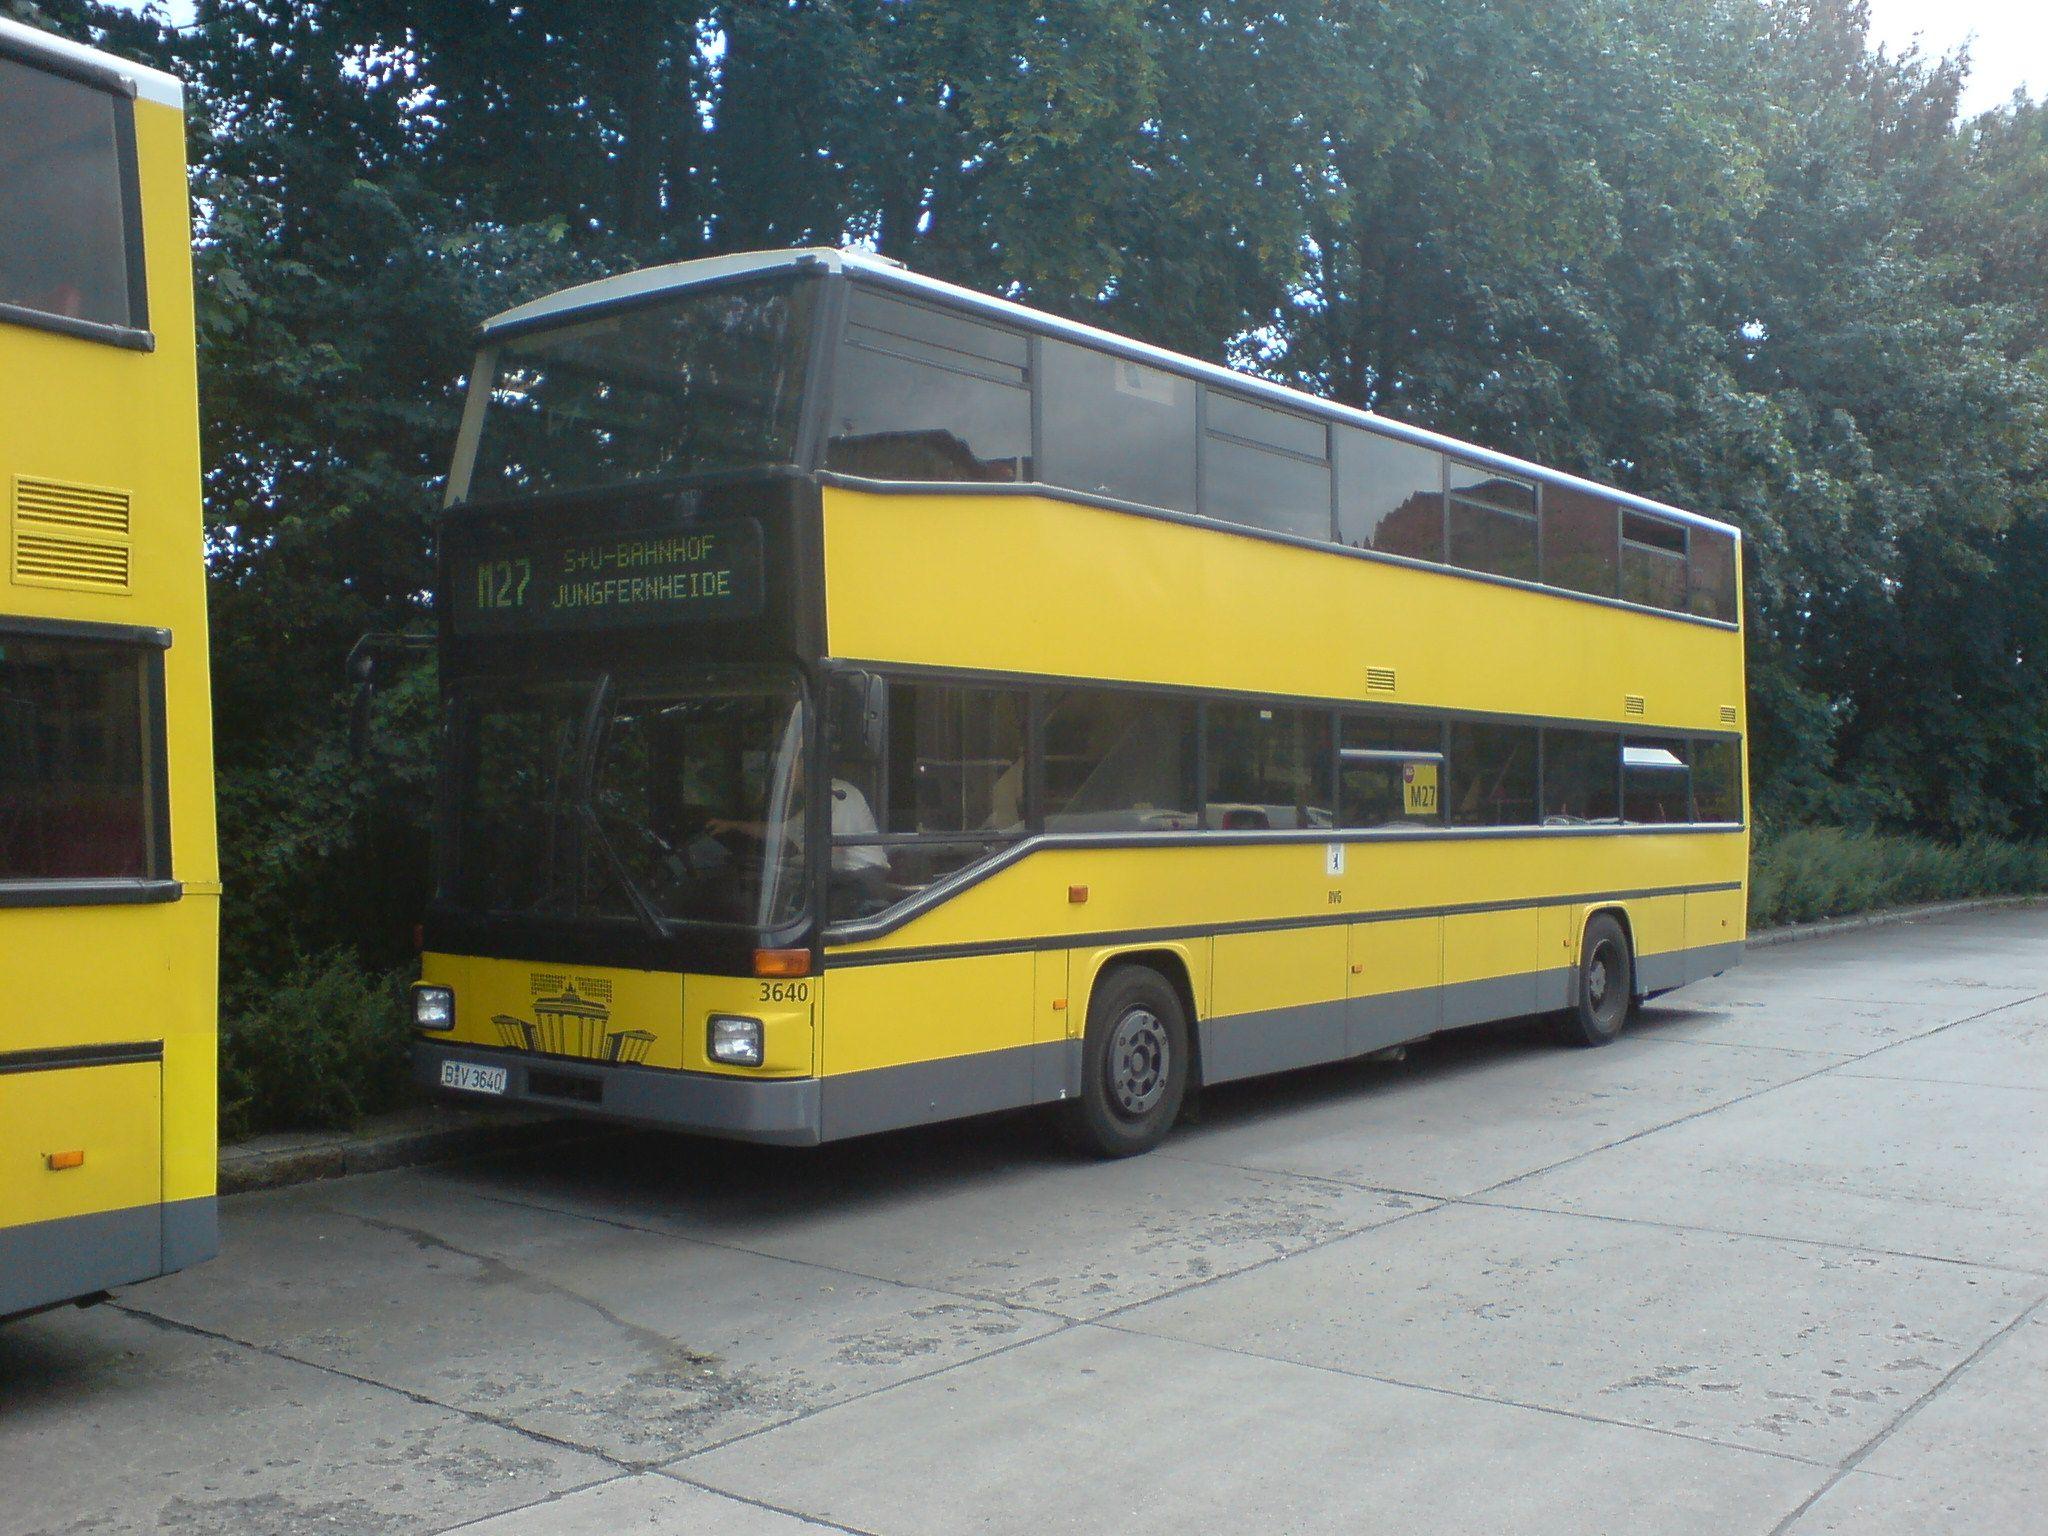 Bus 3640, Pankow, 2007